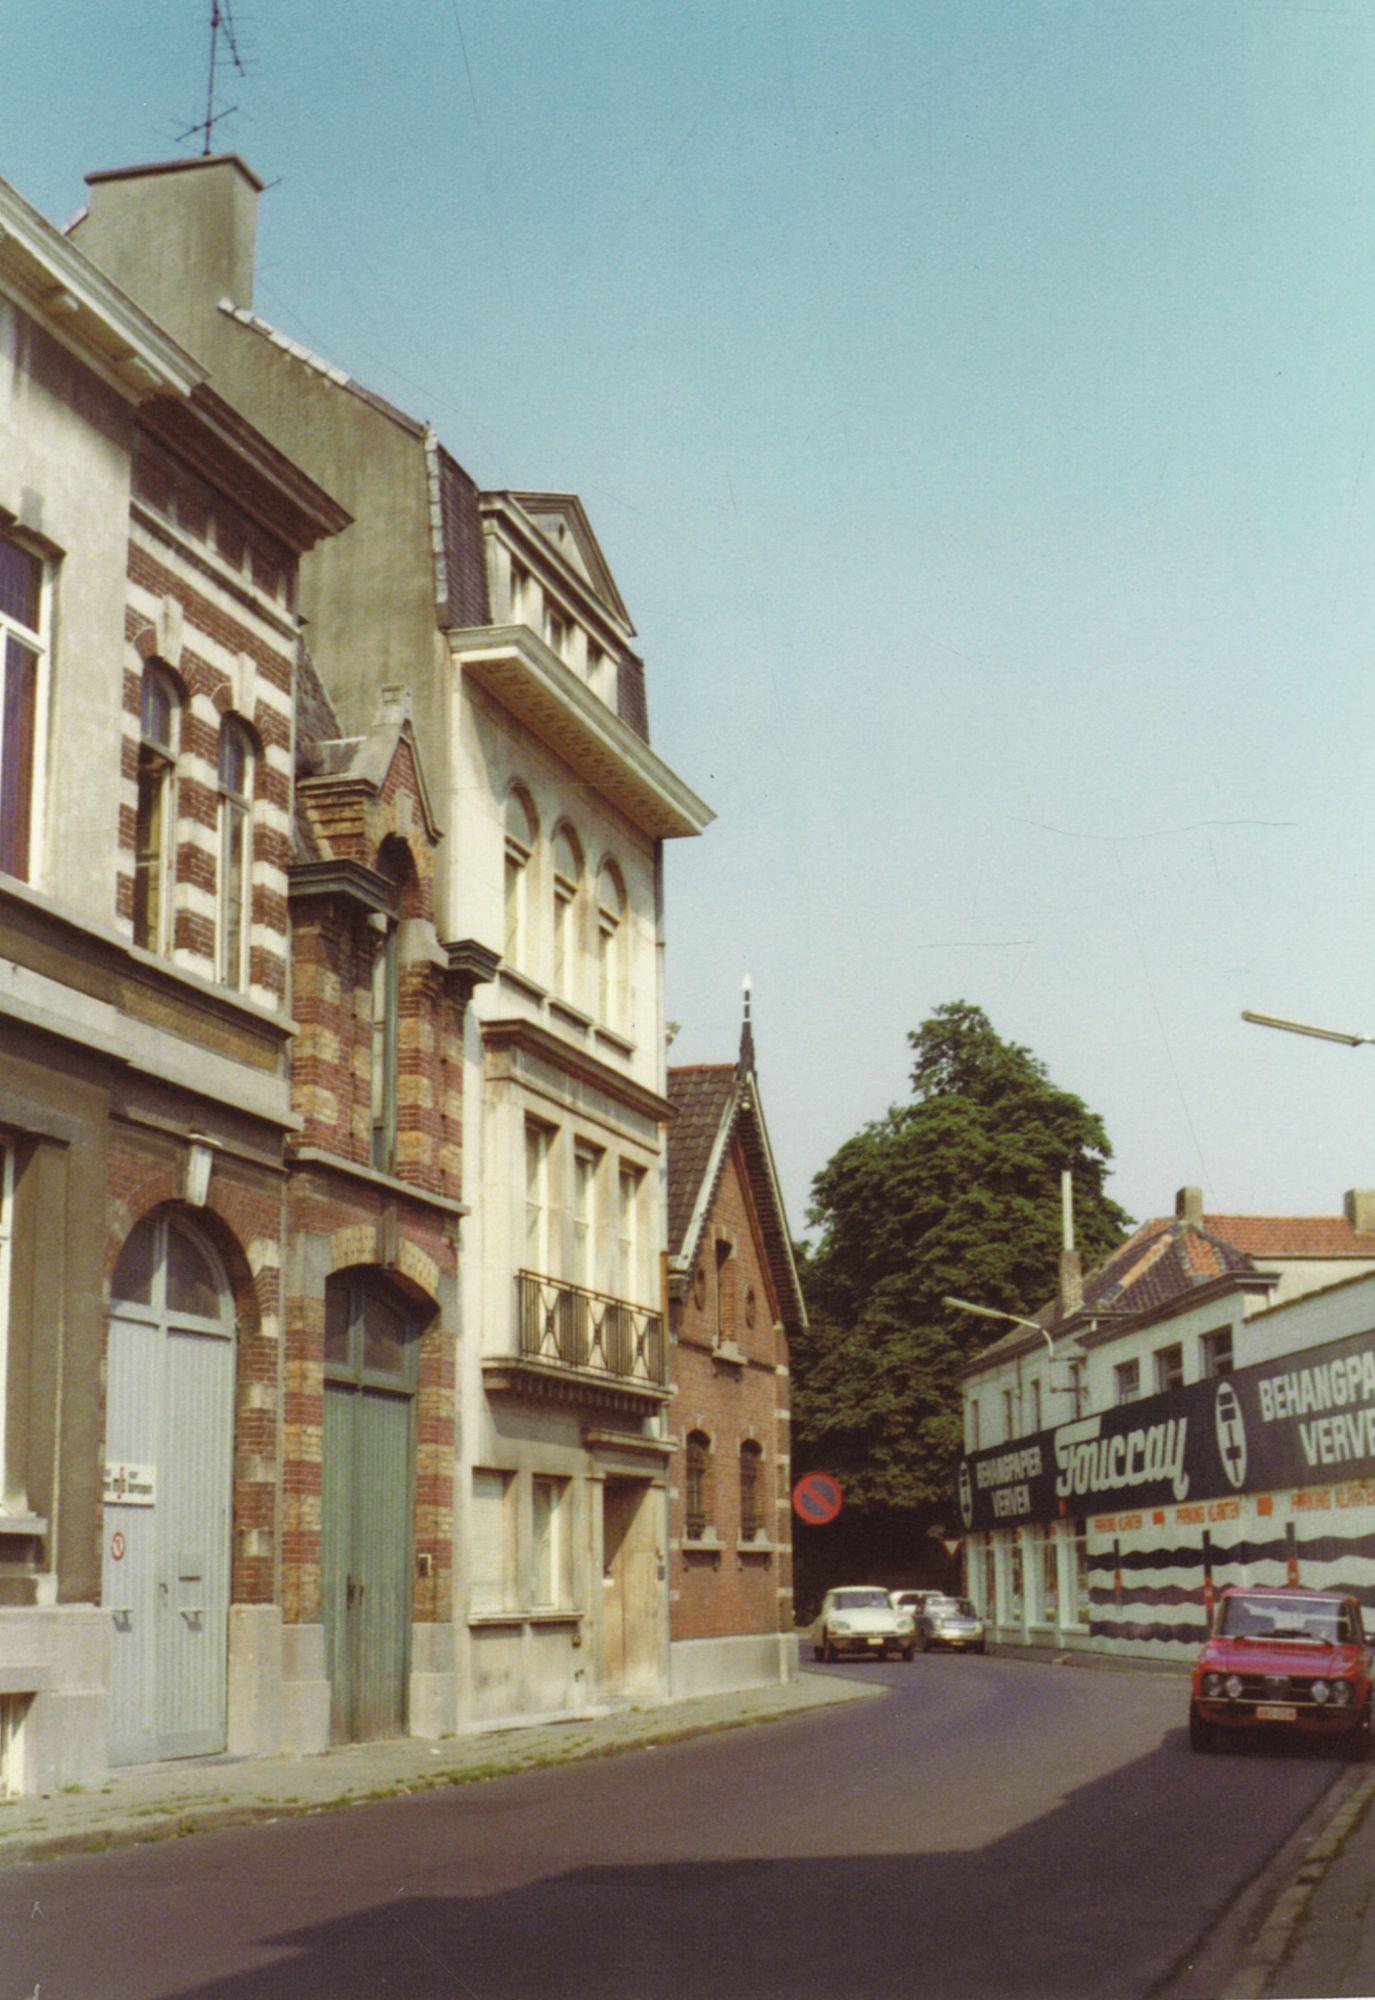 Hoveniersstraat